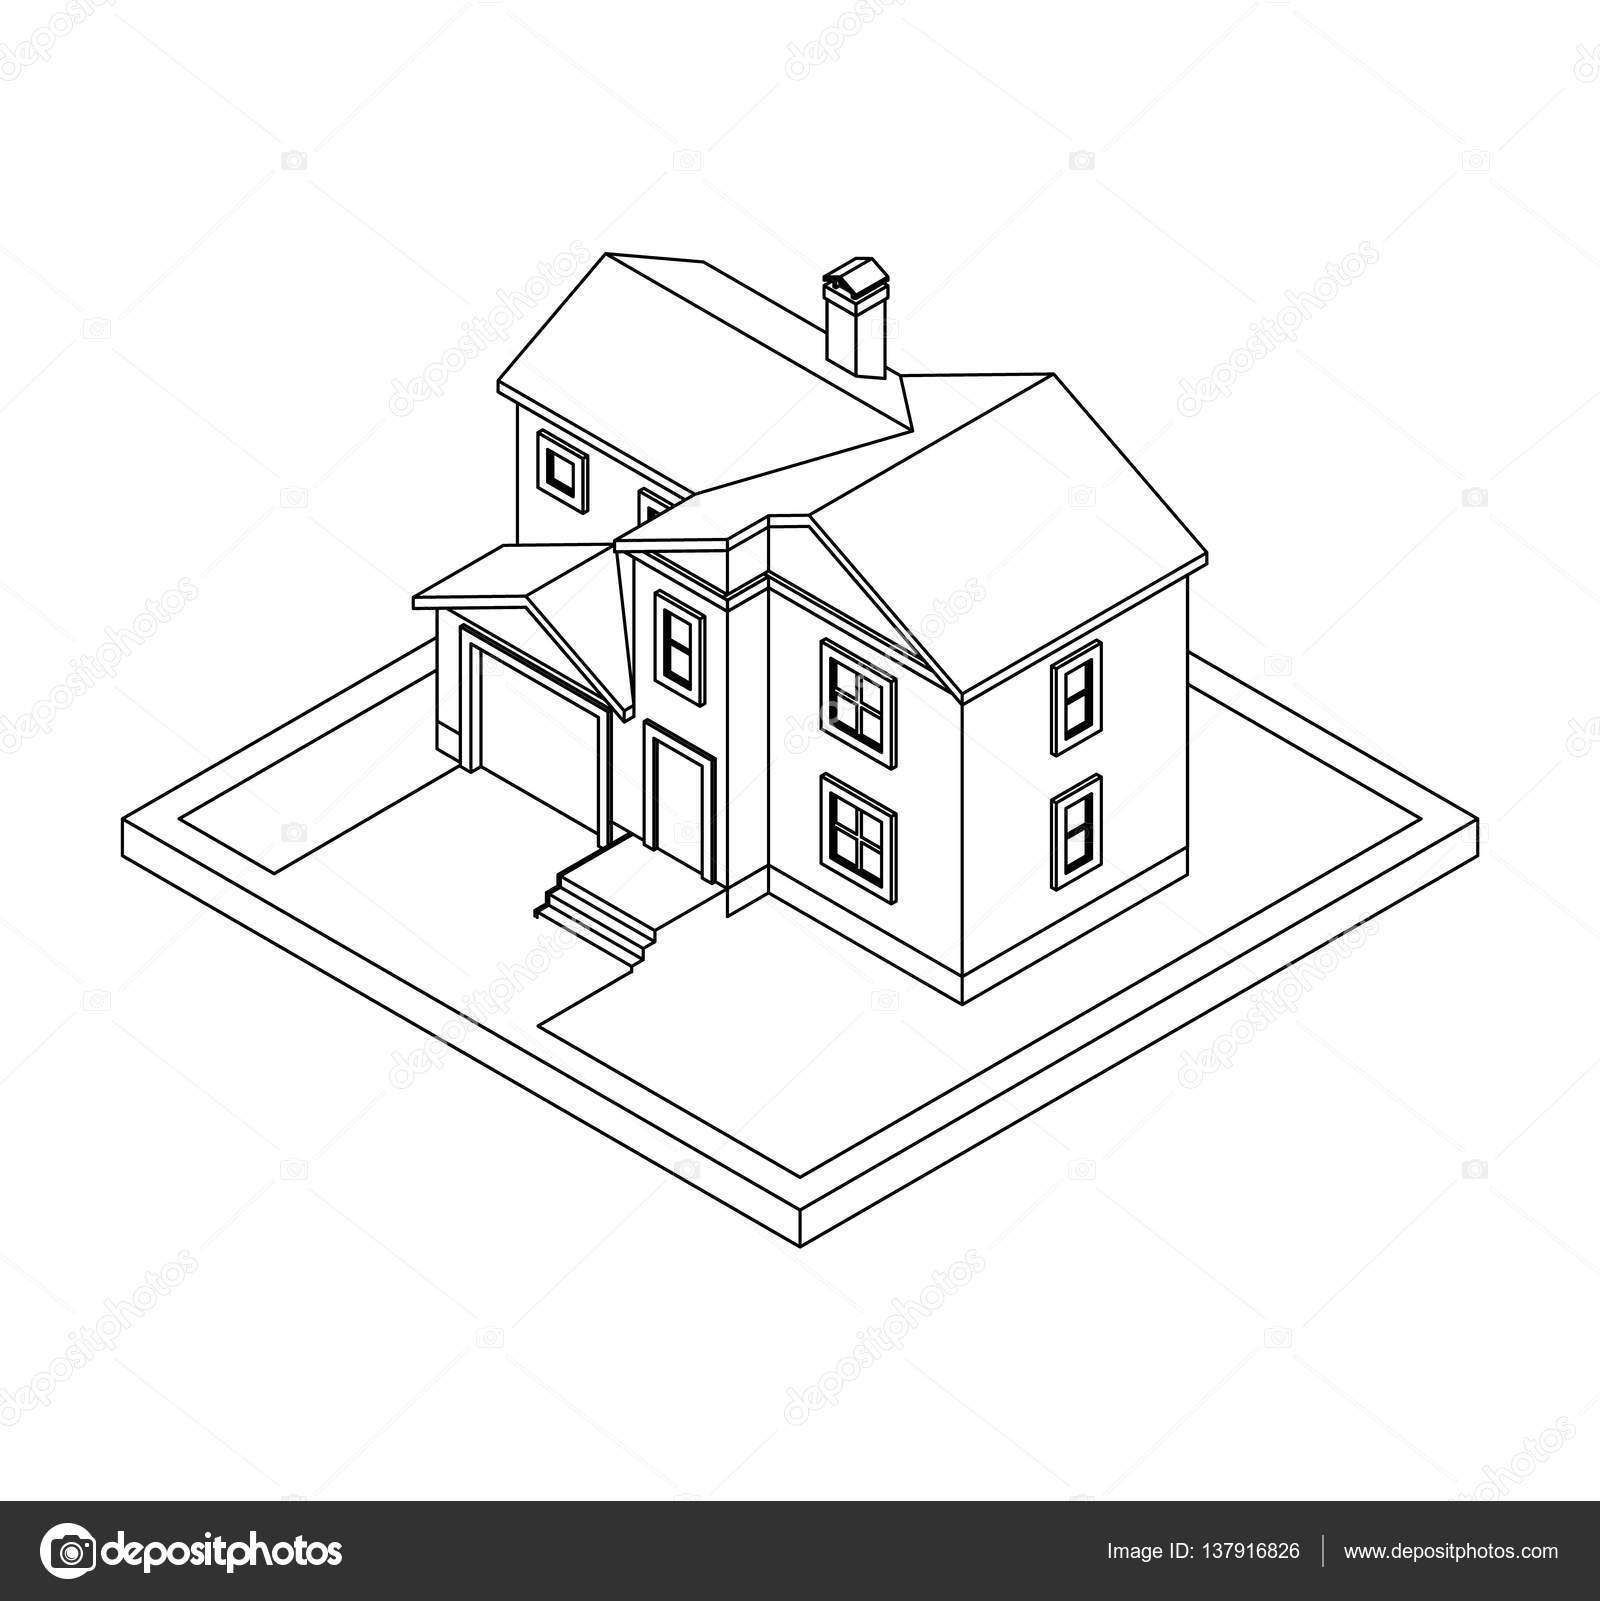 Dibujos Casas Por Dentro Coloreadas Dibujo De Casa Vector De